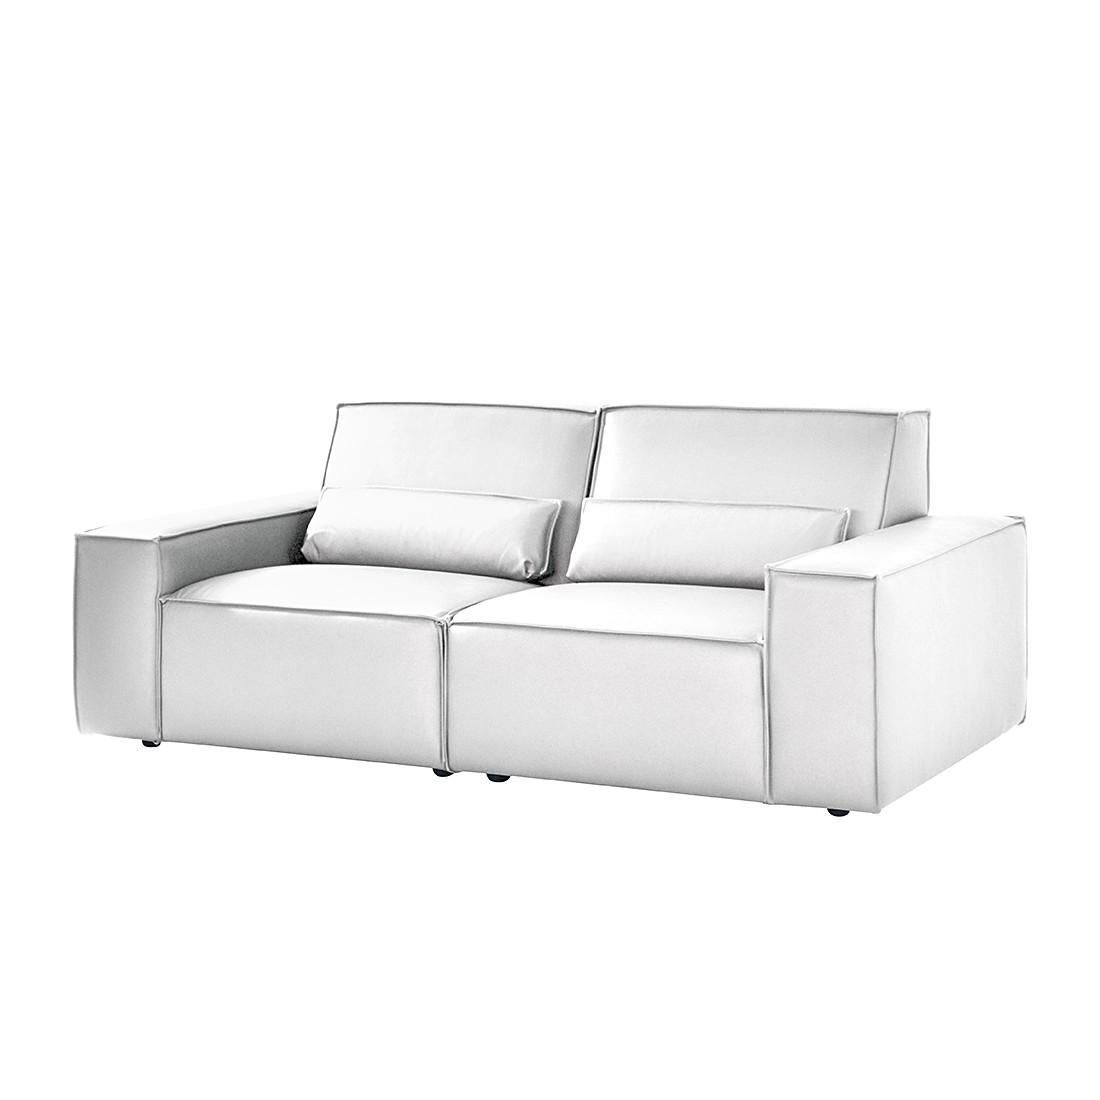 sofa juillet 2 5 sitzer kunstleder wei roomscape g nstig kaufen. Black Bedroom Furniture Sets. Home Design Ideas